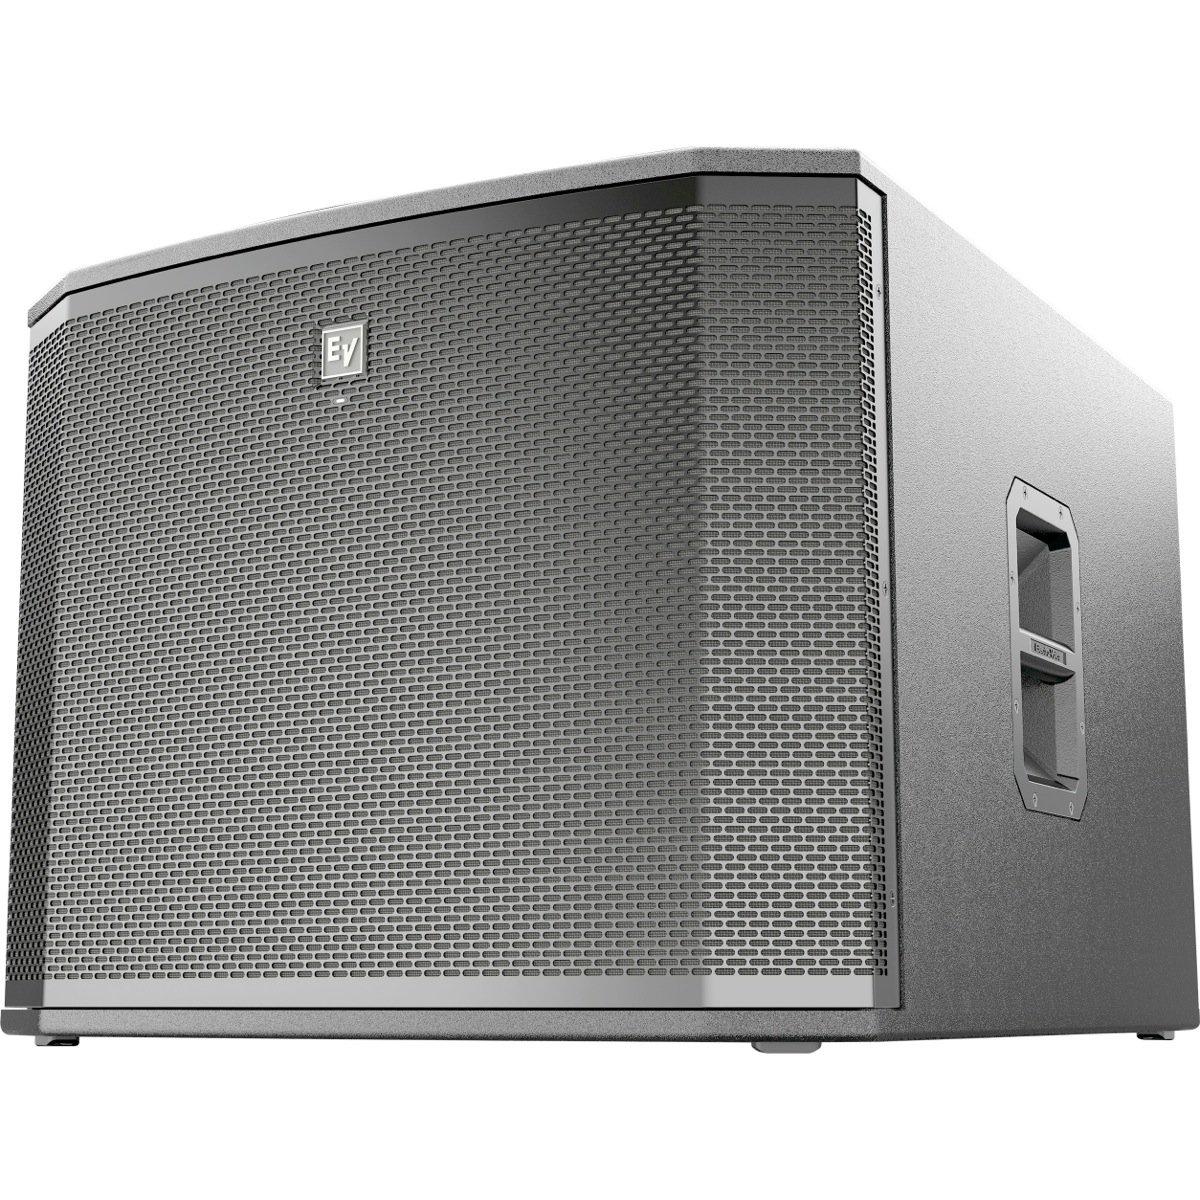 Le Electro-Voice ETX-18SP est un caisson de basses actif qui vous délivrera des basses puissantes et bien présentes. Pour cela